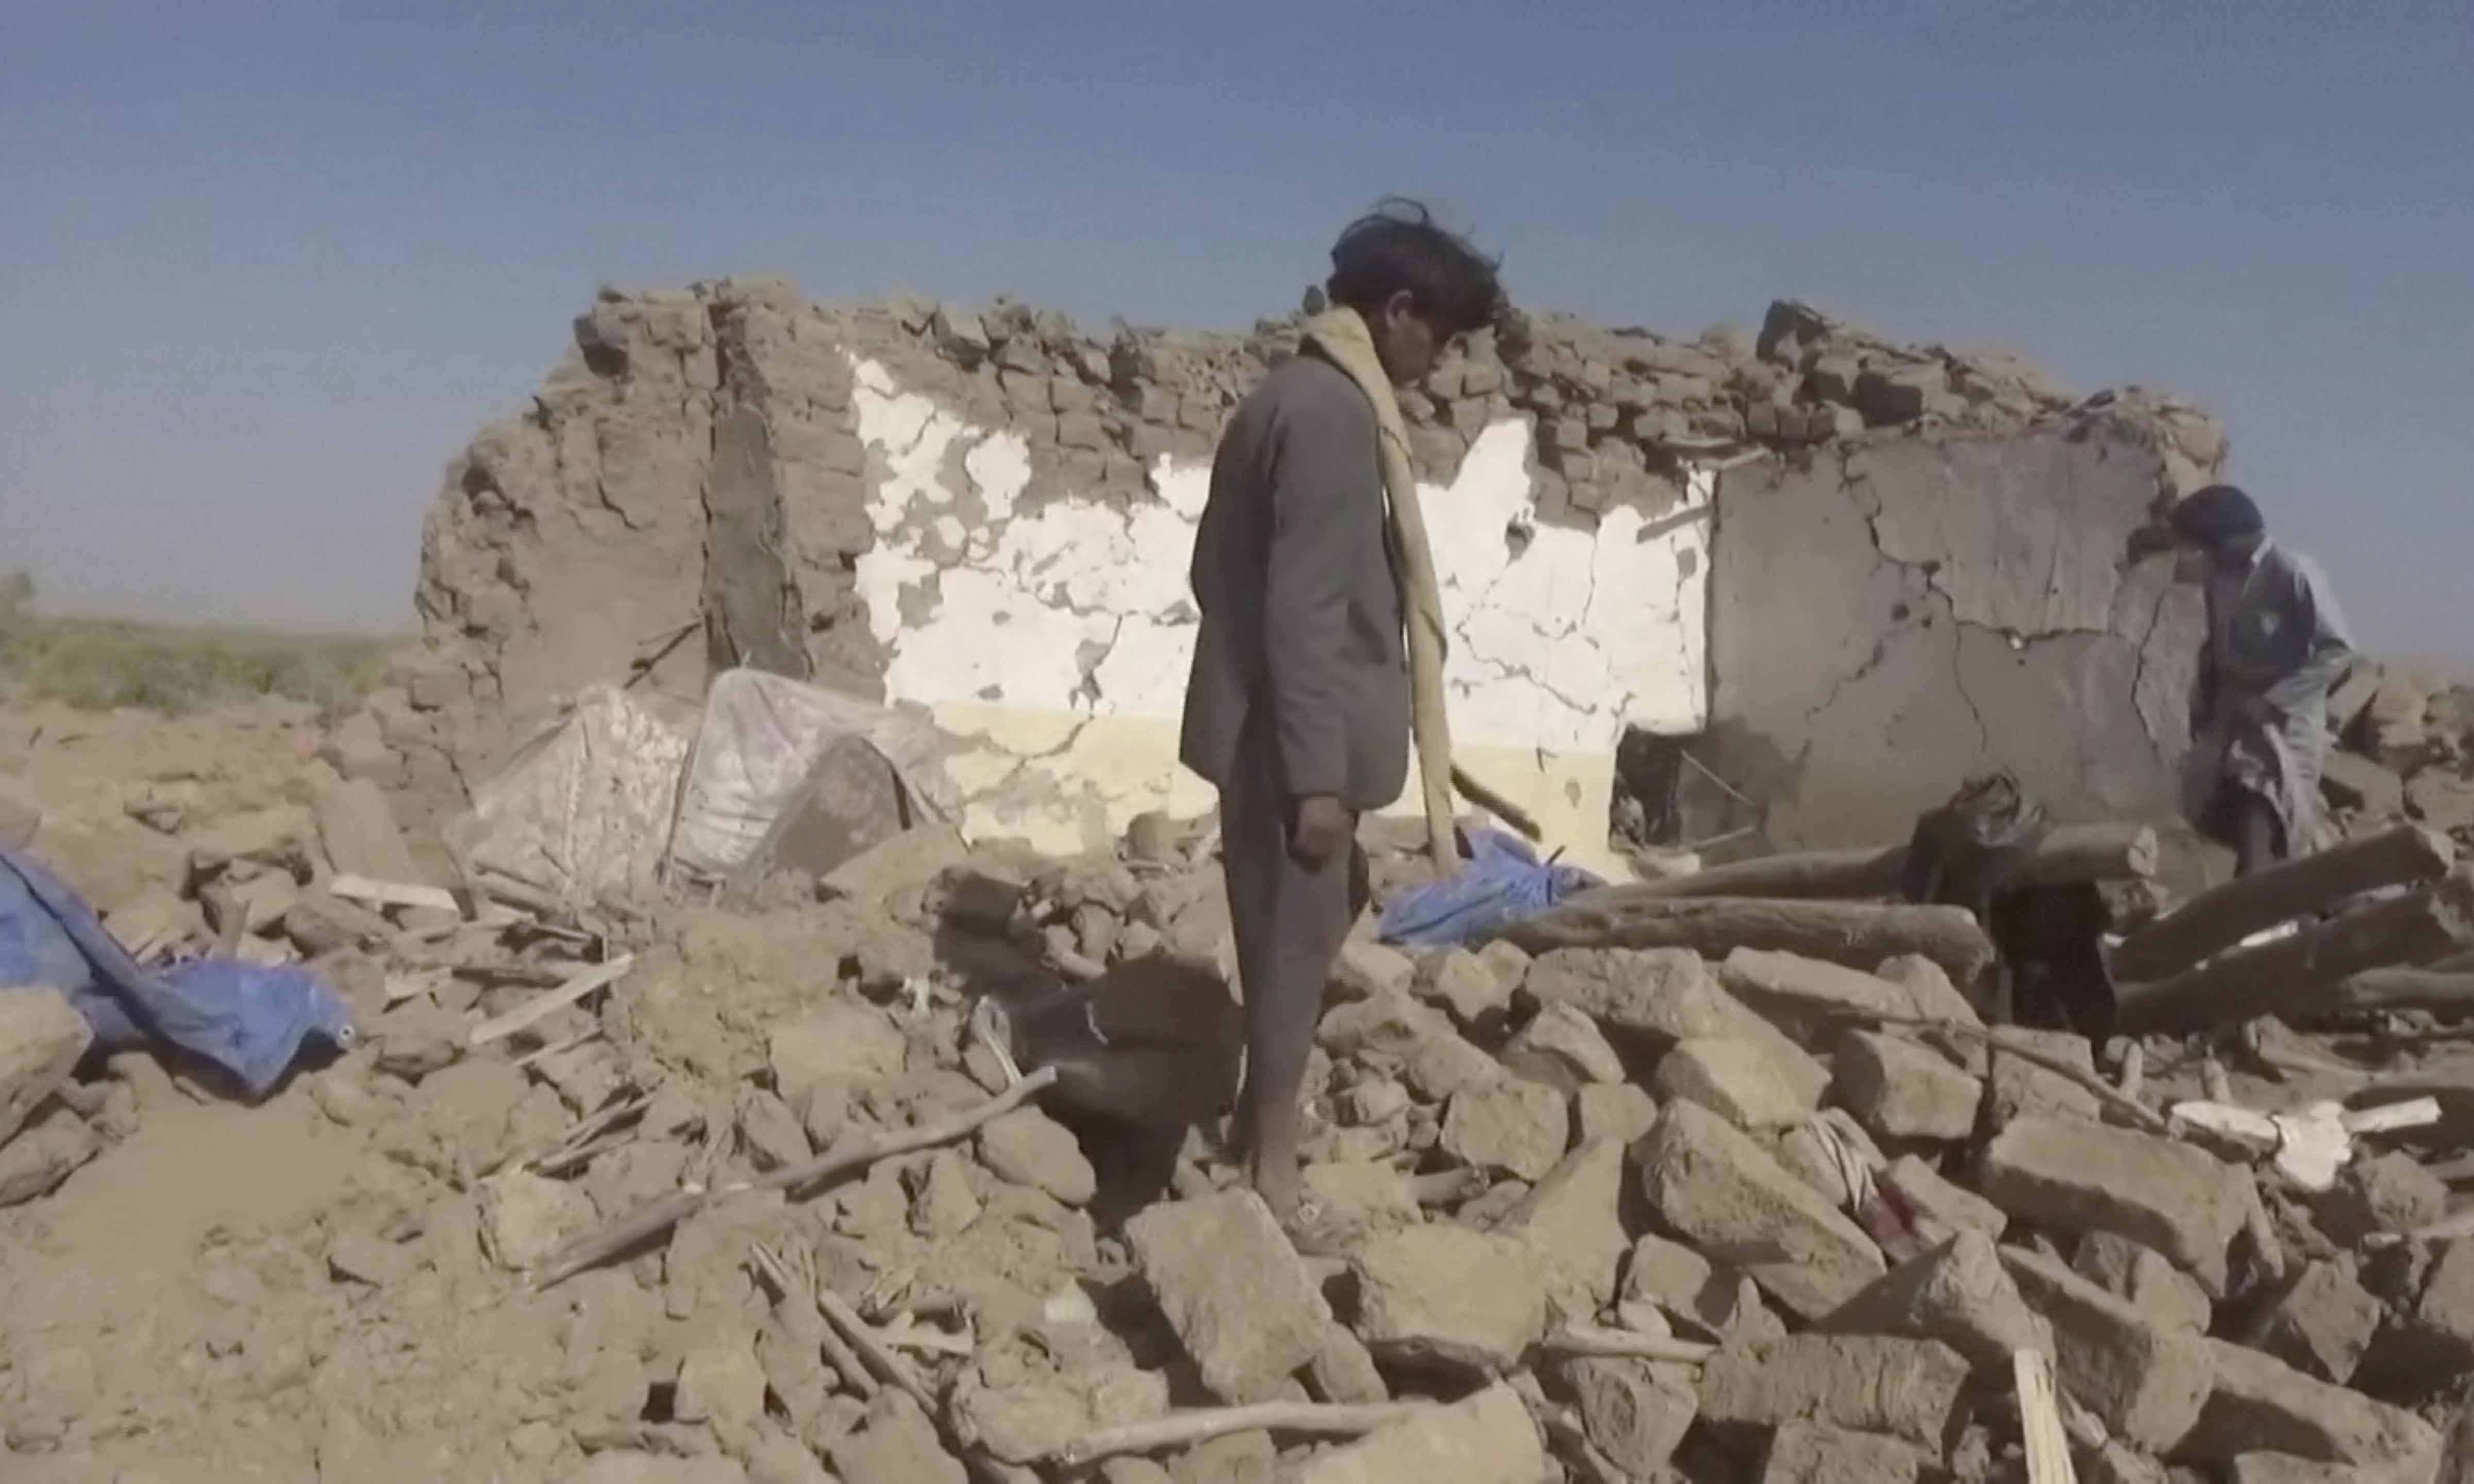 باغیوں کے زیر اثر میڈیا کے مطابق ہلاک افراد میں بچے اور خواتین بھی شامل ہیں—فوٹو:رائٹرز